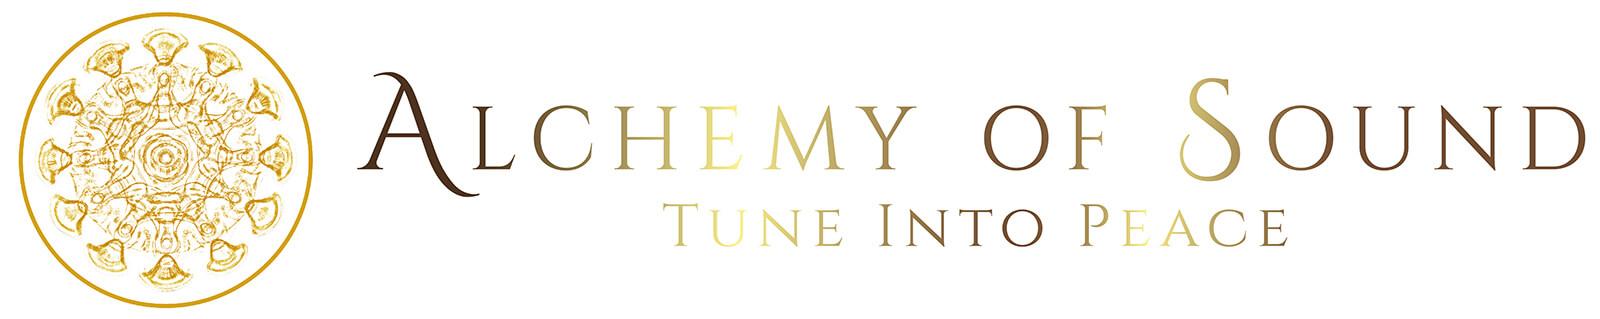 Alchemy of Sound